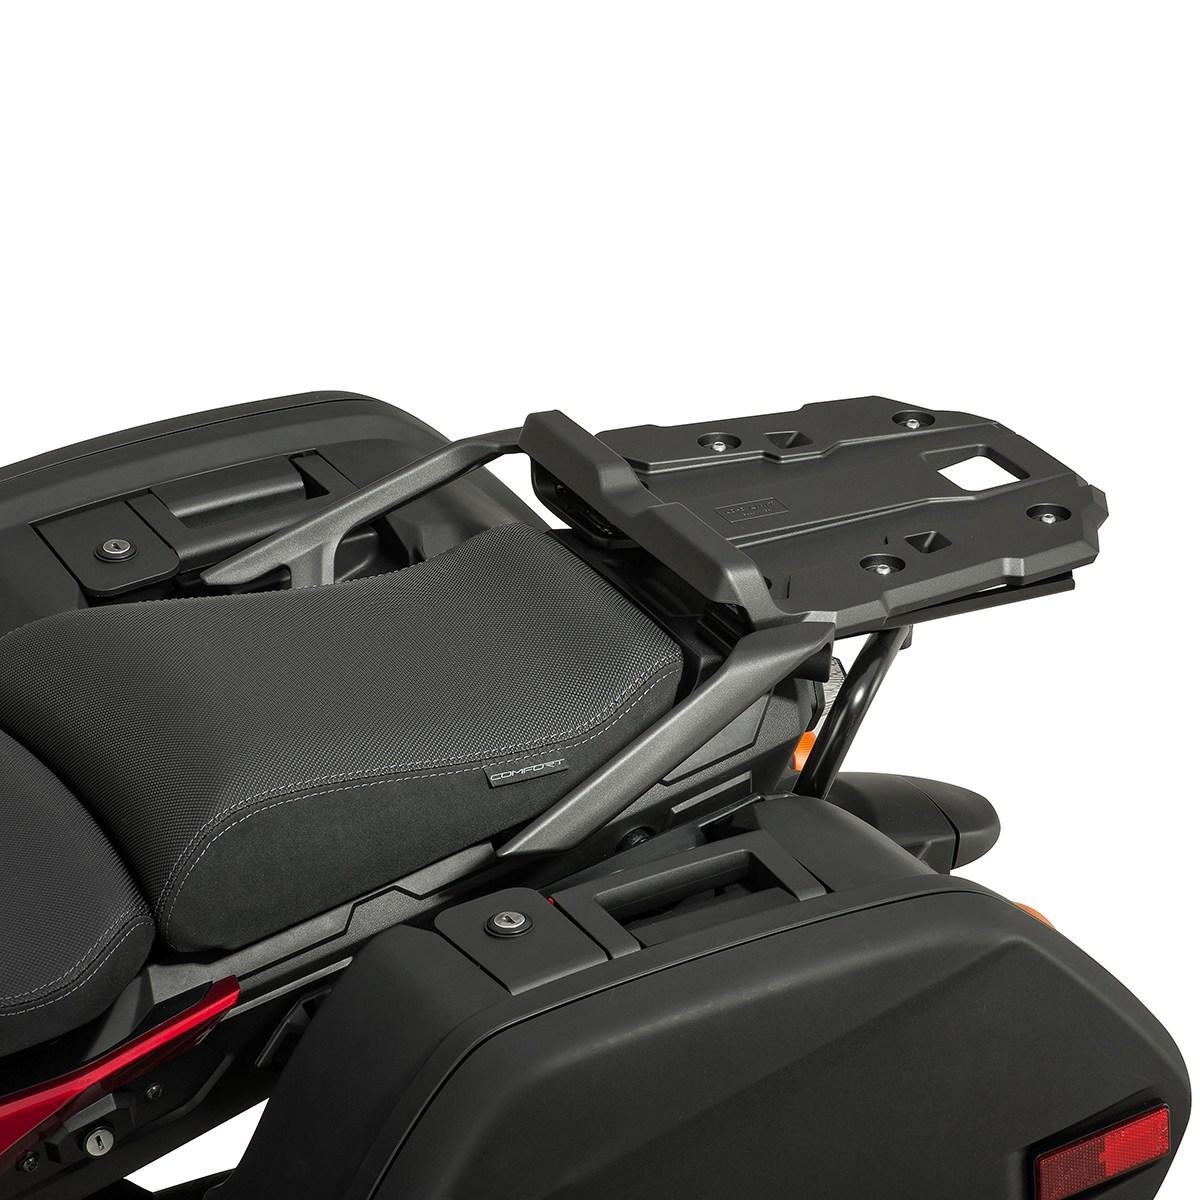 Valise City ou FJR avec Support Top case Yamaha + support de valise problème ! 190101060727661542